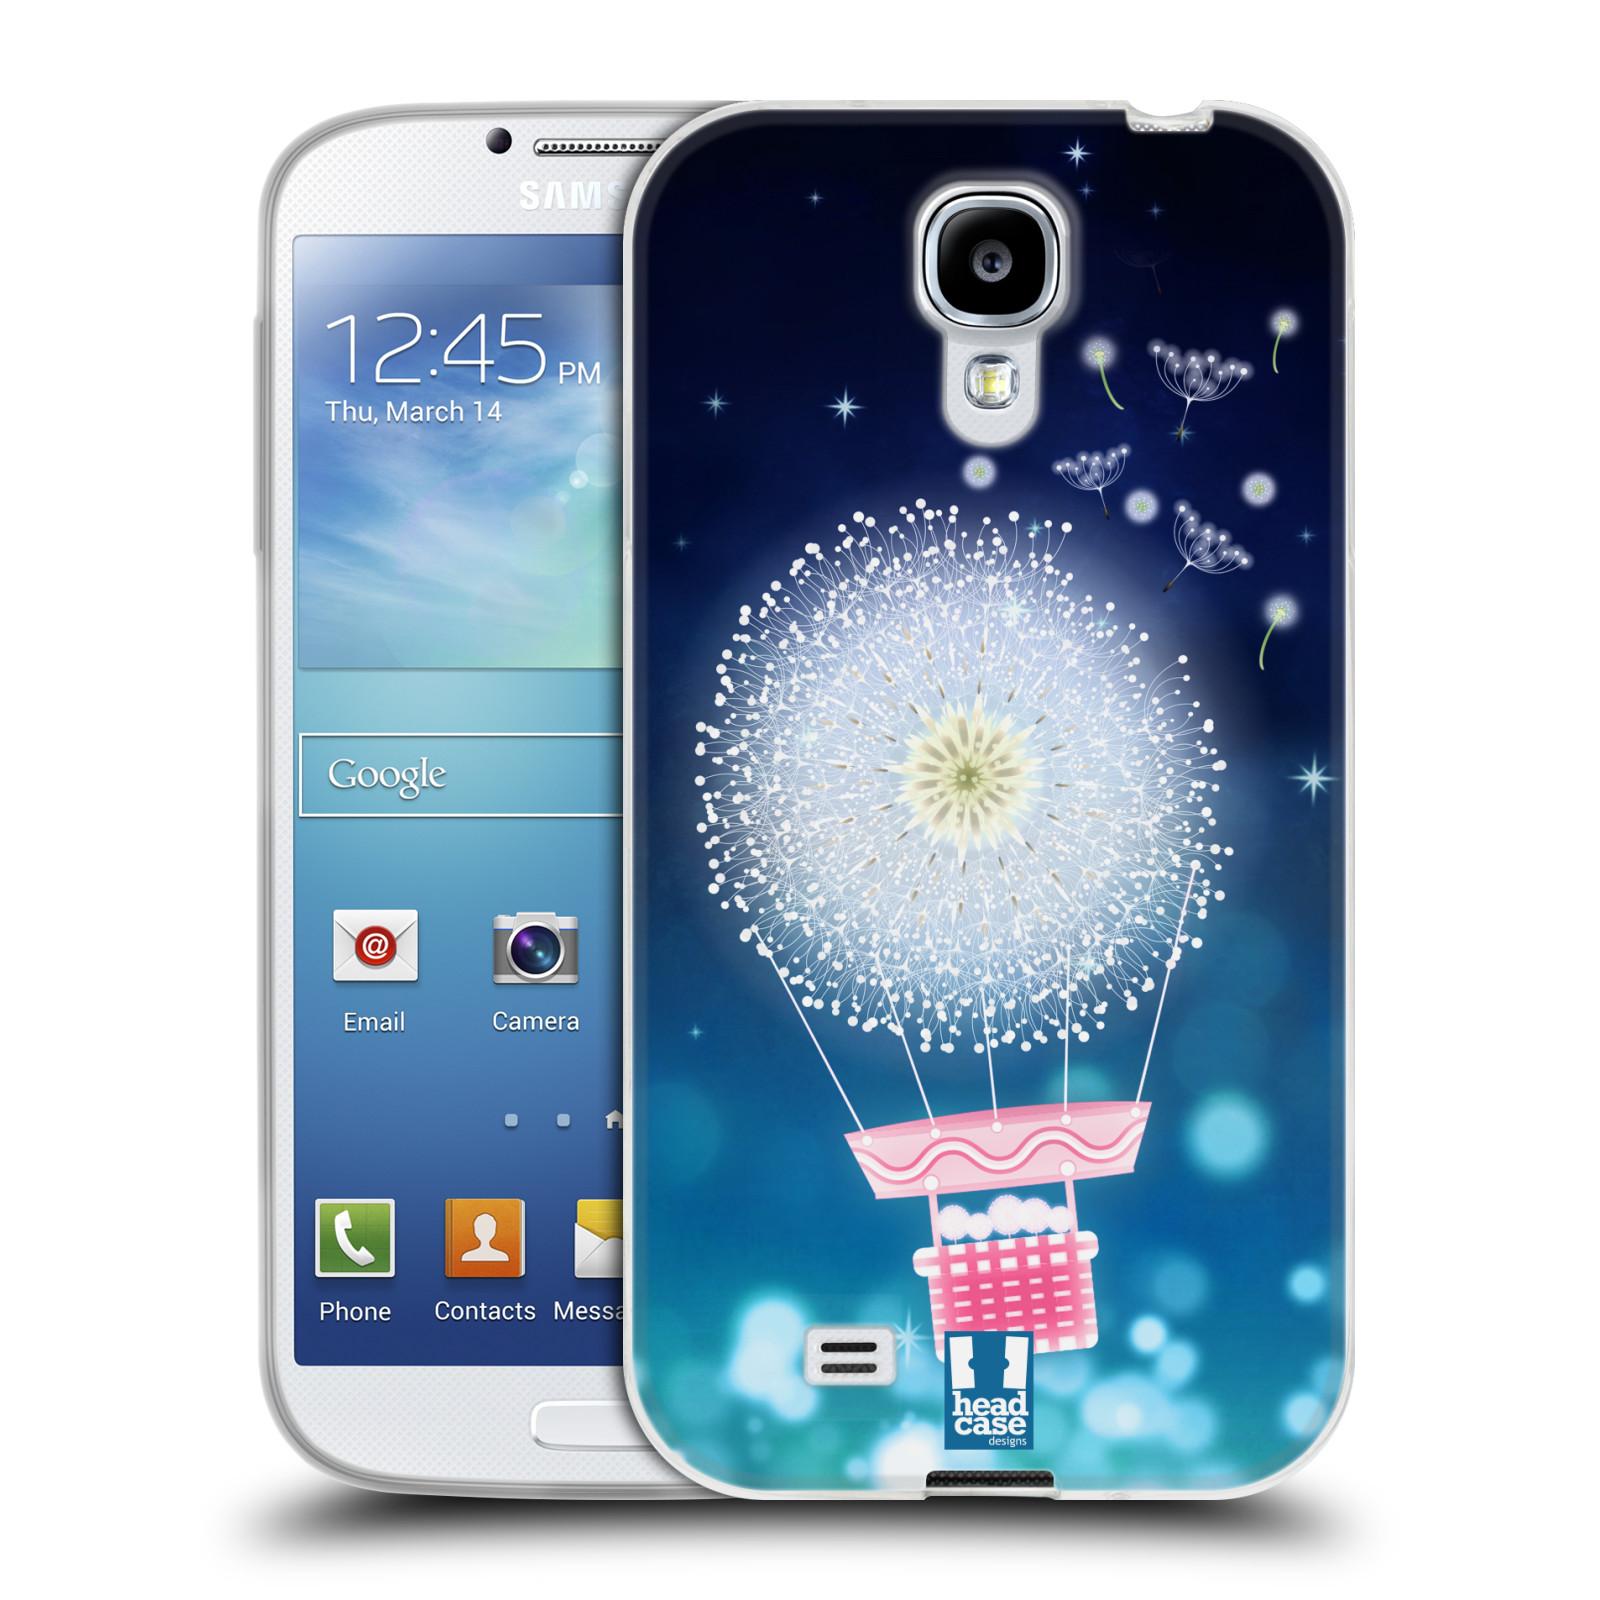 Silikonové pouzdro na mobil Samsung Galaxy S4 HEAD CASE Pampeliškový balón (Silikonový kryt či obal na mobilní telefon Samsung Galaxy S4 GT-i9505 / i9500)